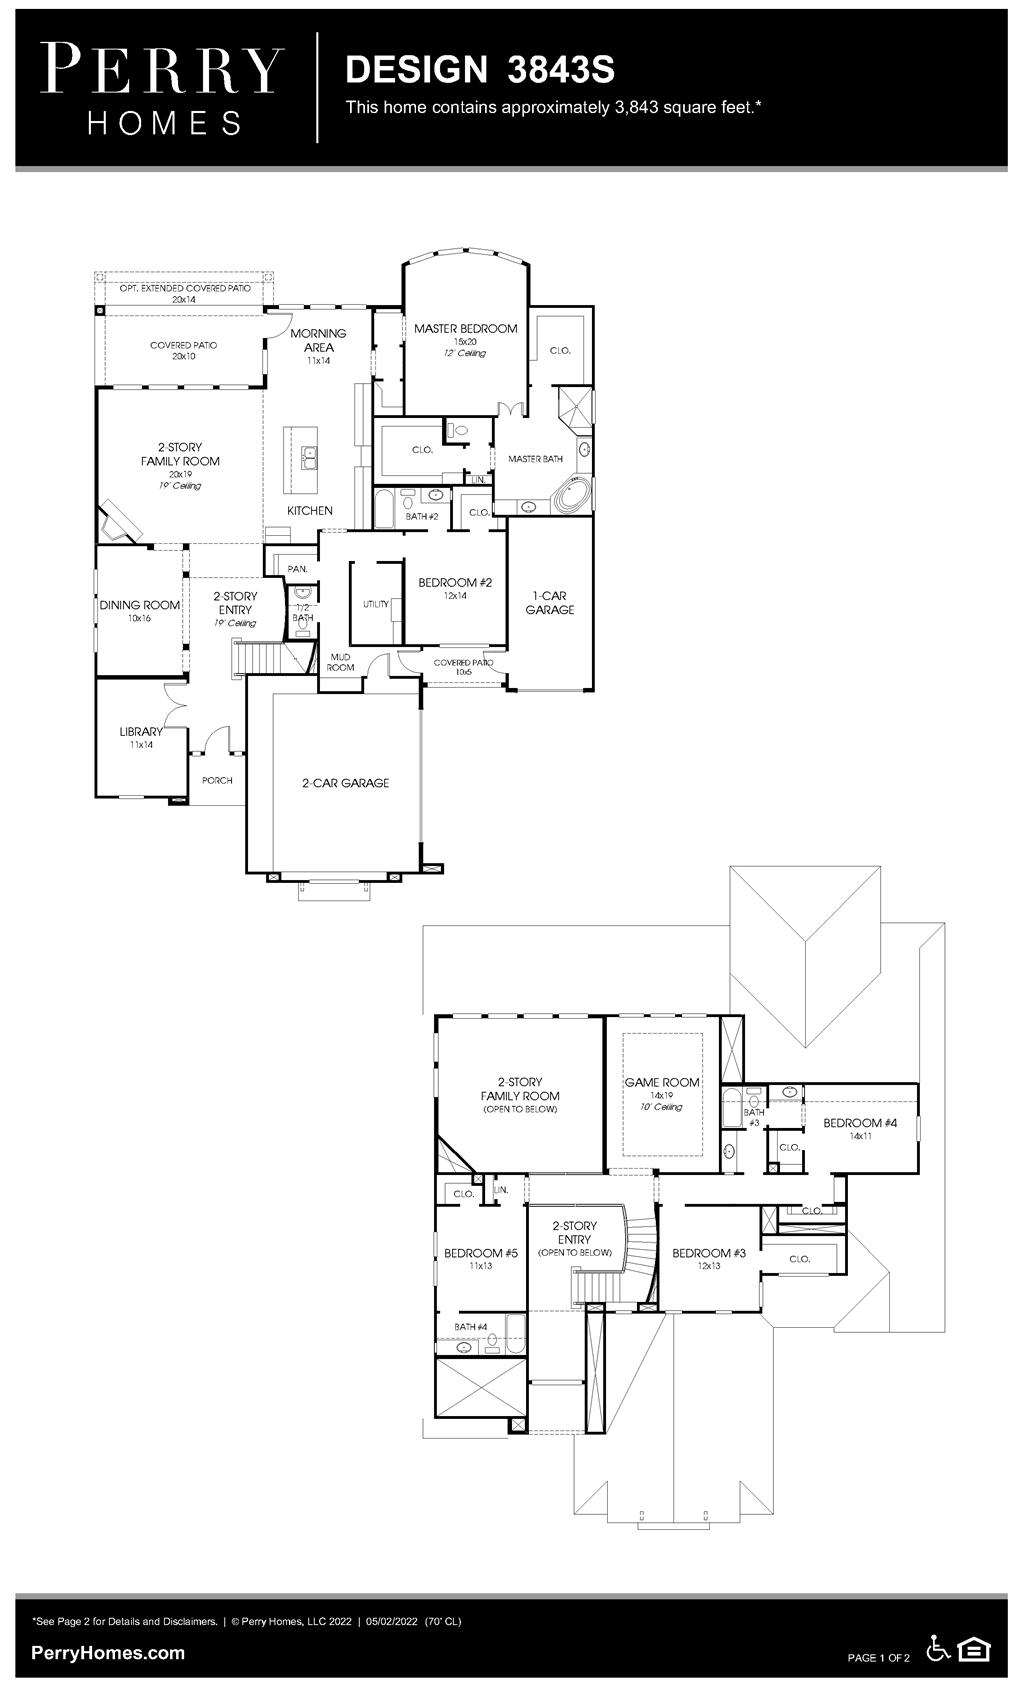 Floor Plan for 3843S